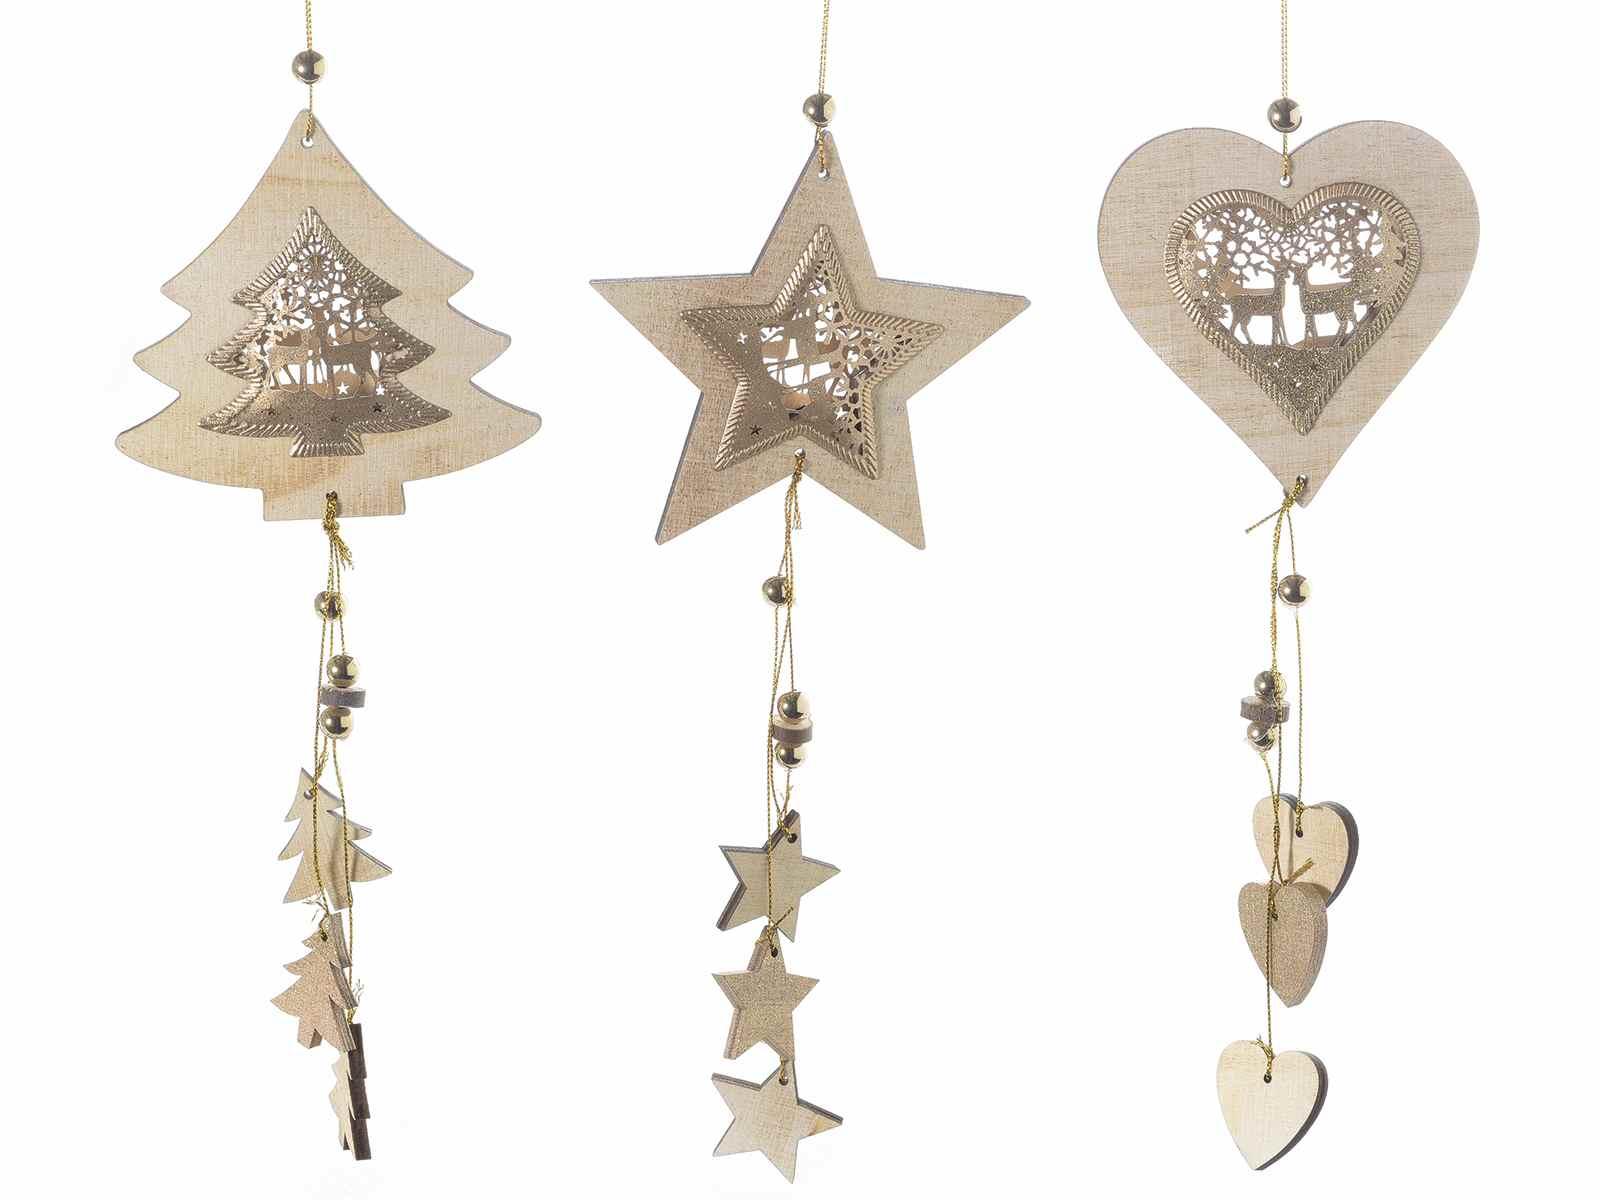 Decorazione natalizia in legno da appendere con pendenti - Decorazioni natalizie con legno ...